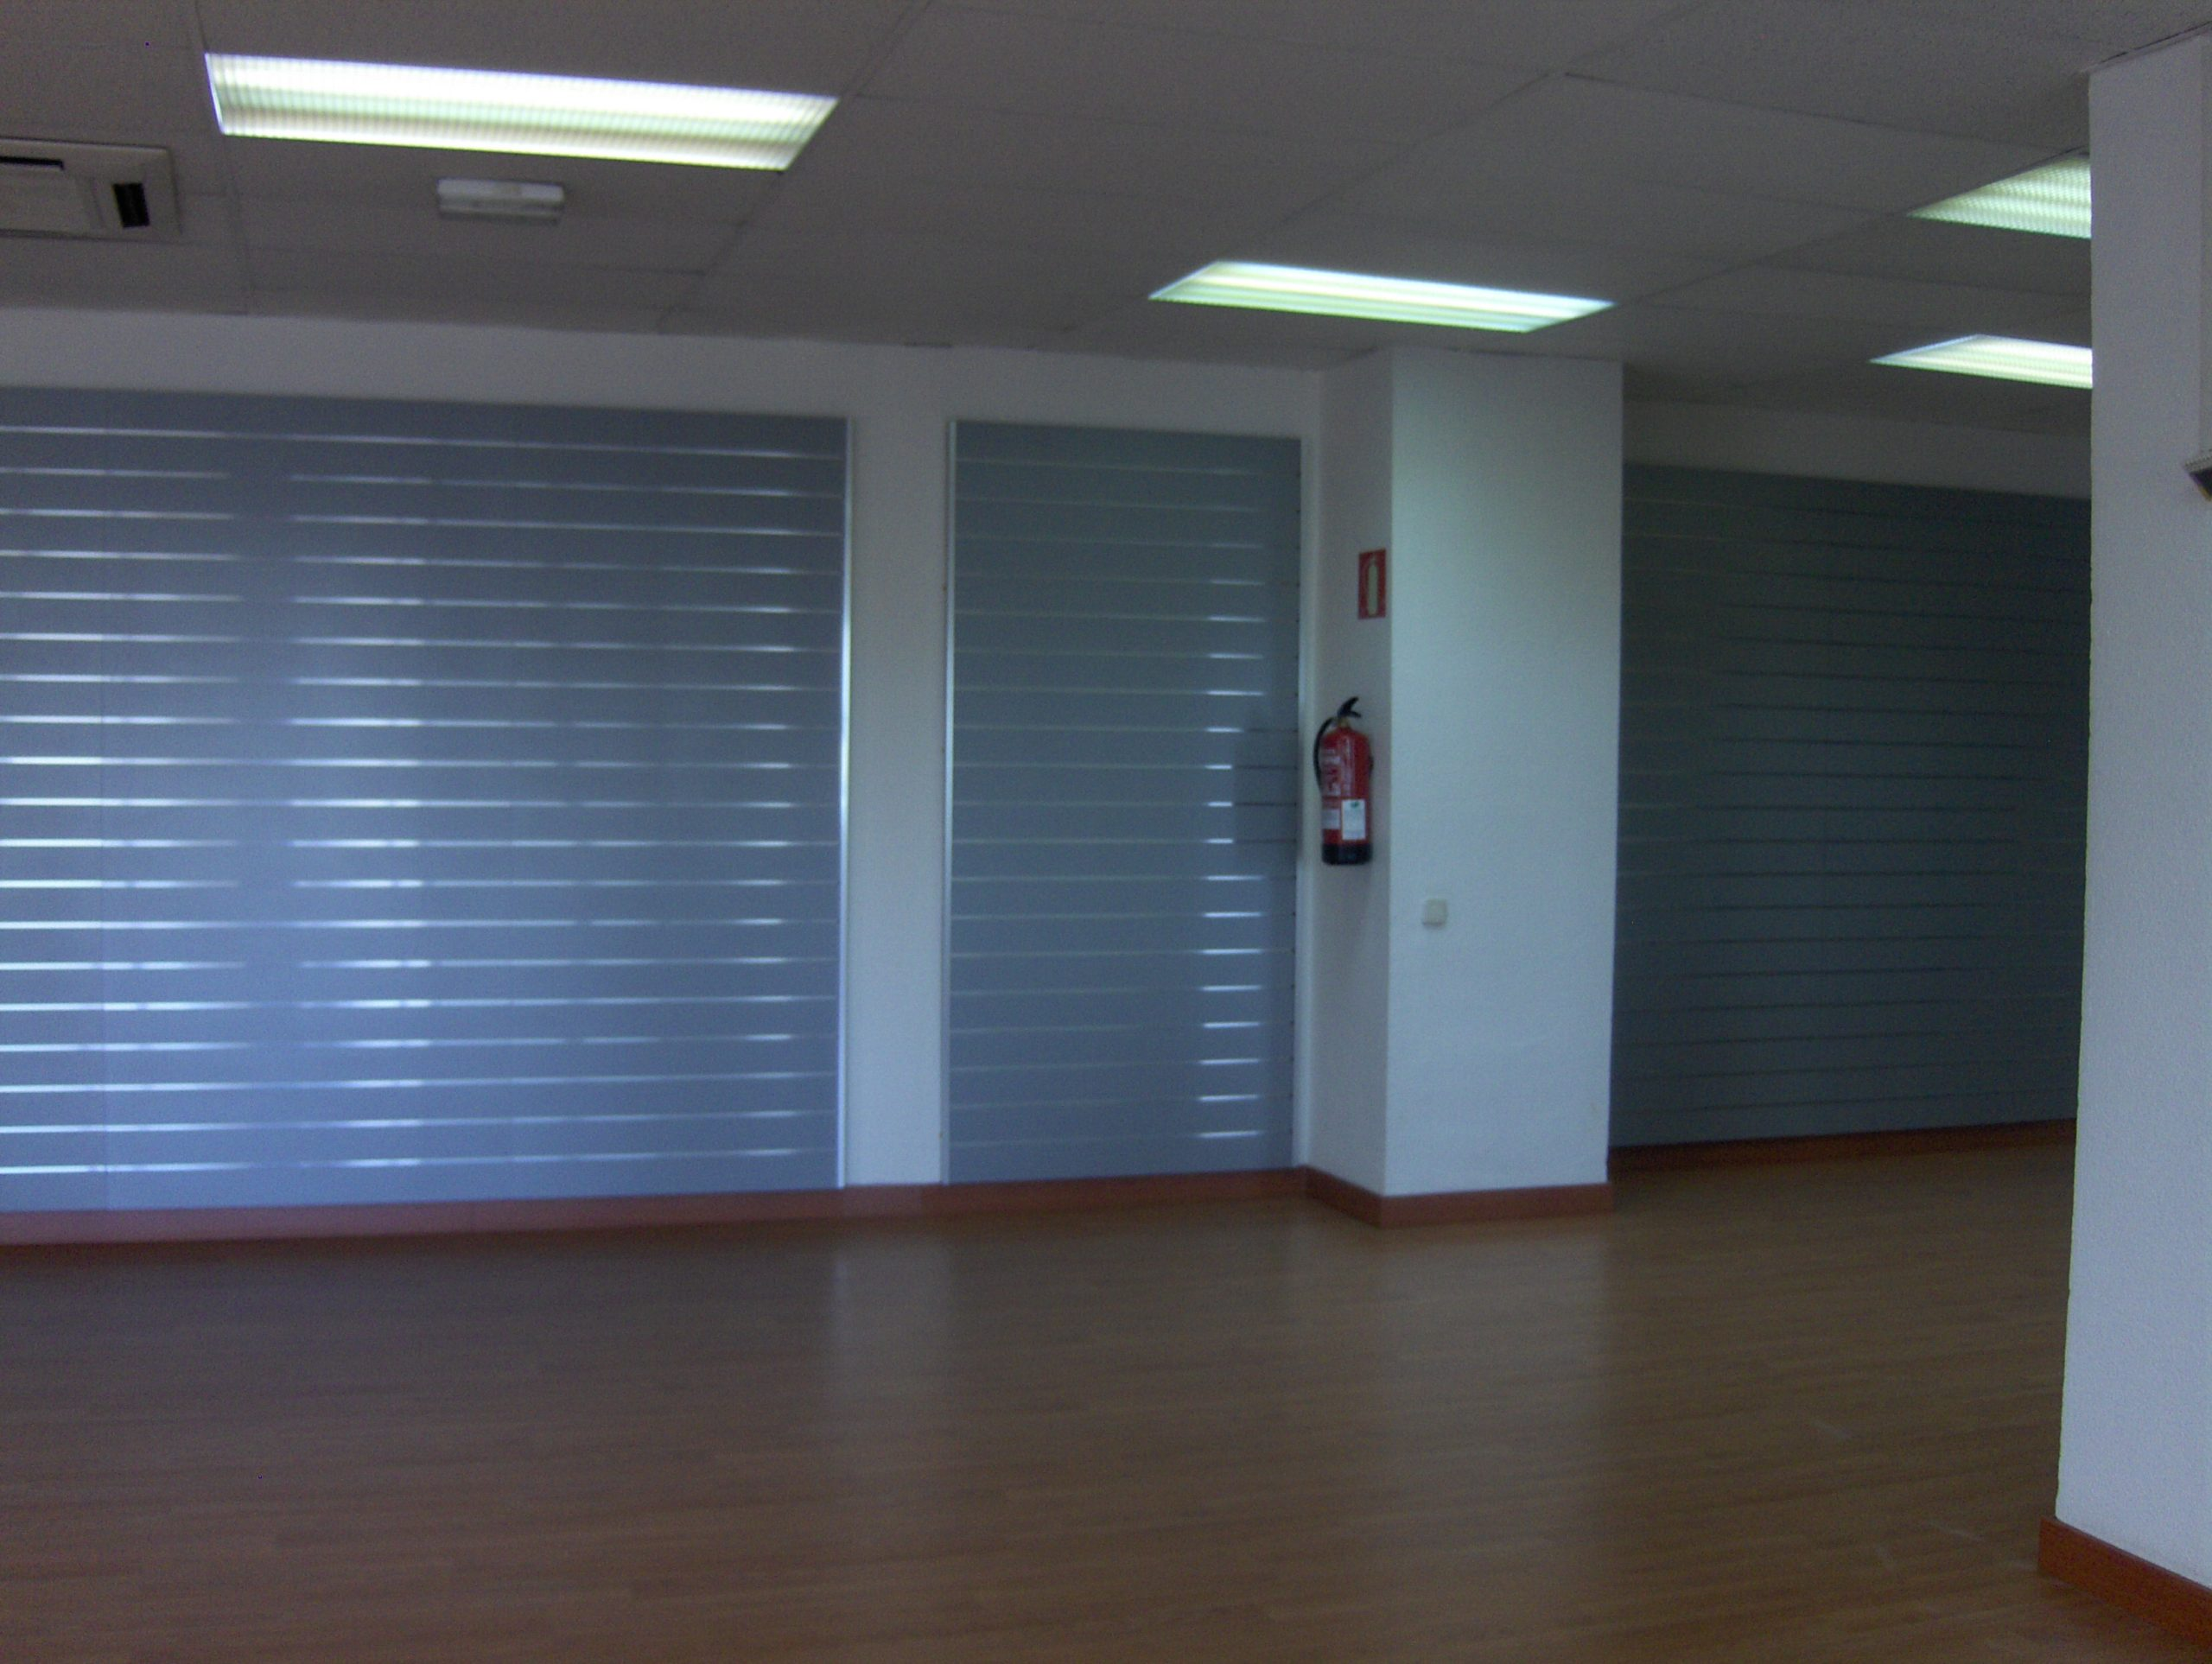 Oficina Showroom